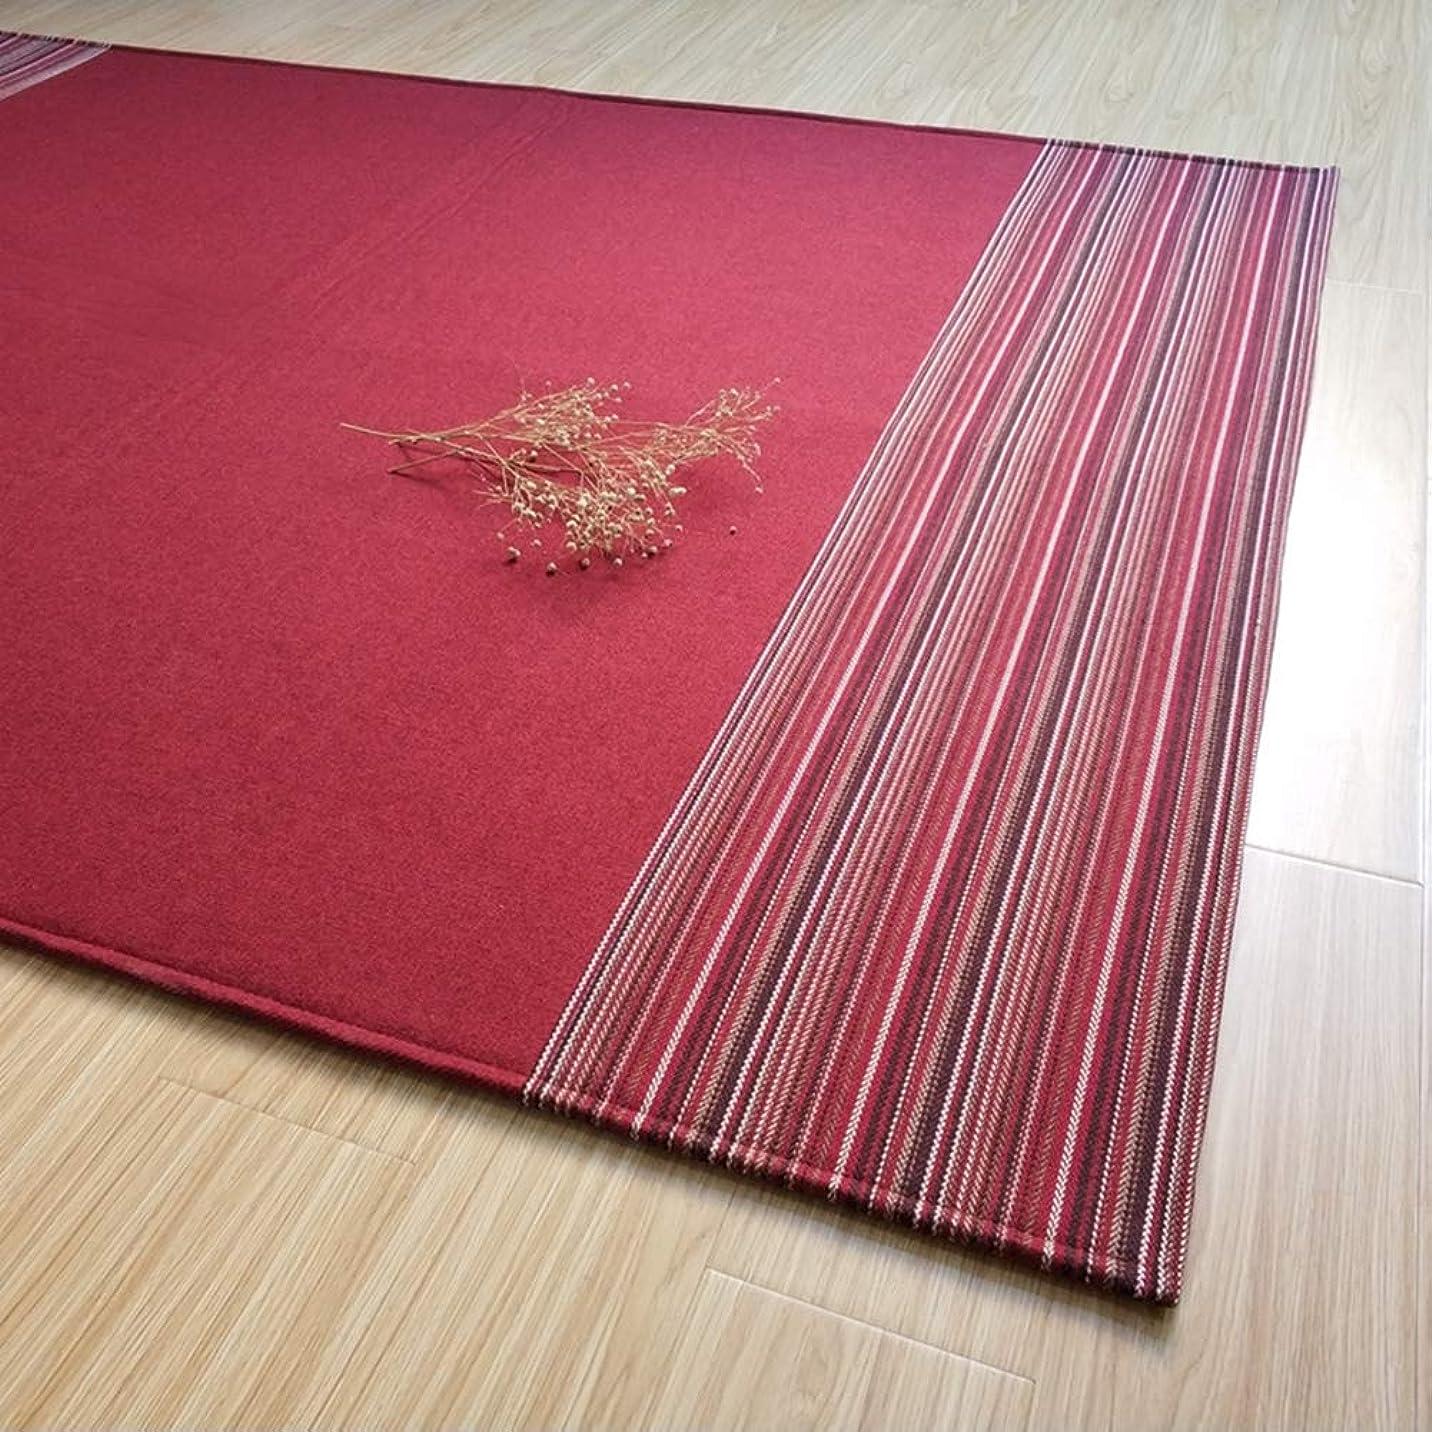 クリップ監督する継続中[QIFENGDIANZI] 長方形 カーペット 畳 絨毯 ラグ 洗える ホットカーペット対応 洗えるラグ ラグマット 滑り止め付 快適 チェアマット 低反発 防音 おしゃれ 抗菌防臭 レッド 160X230cm